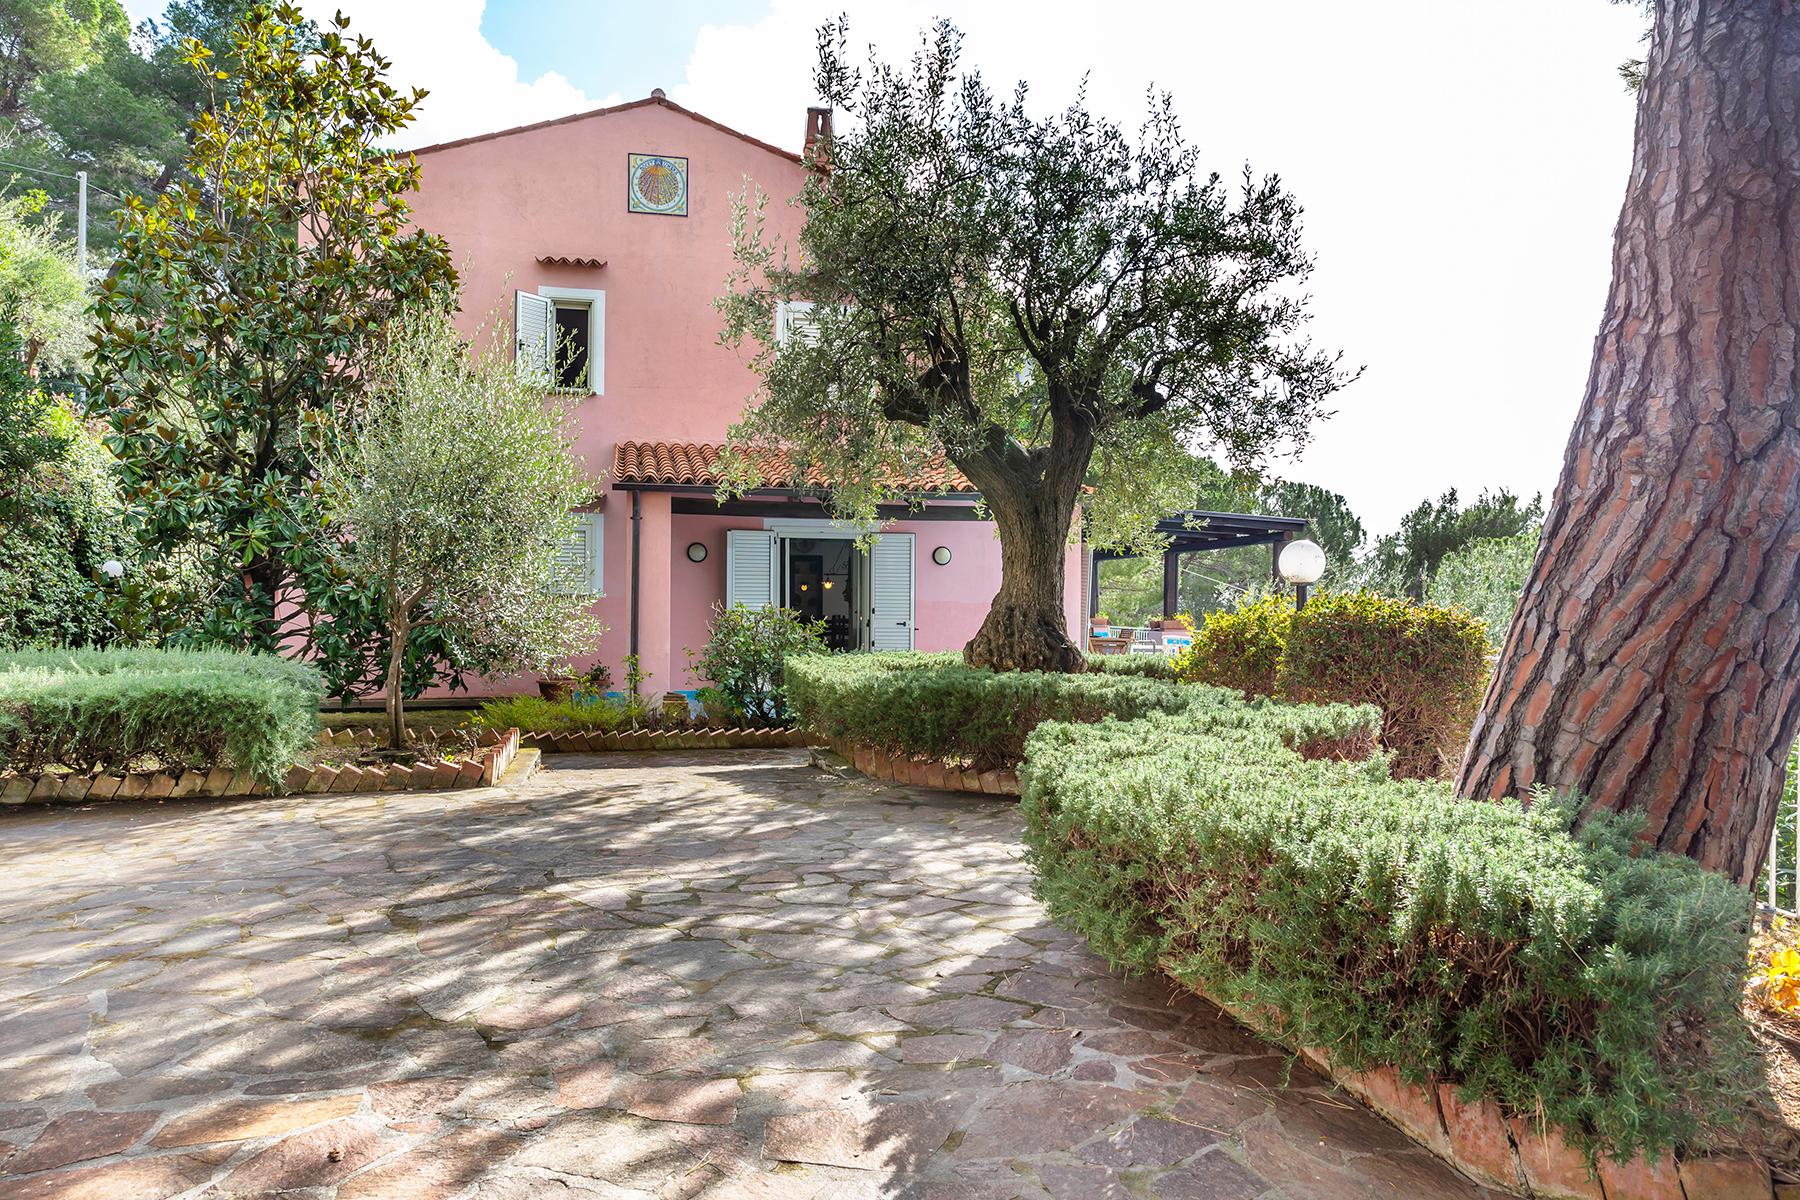 Villa in Vendita a Maratea: 5 locali, 280 mq - Foto 2